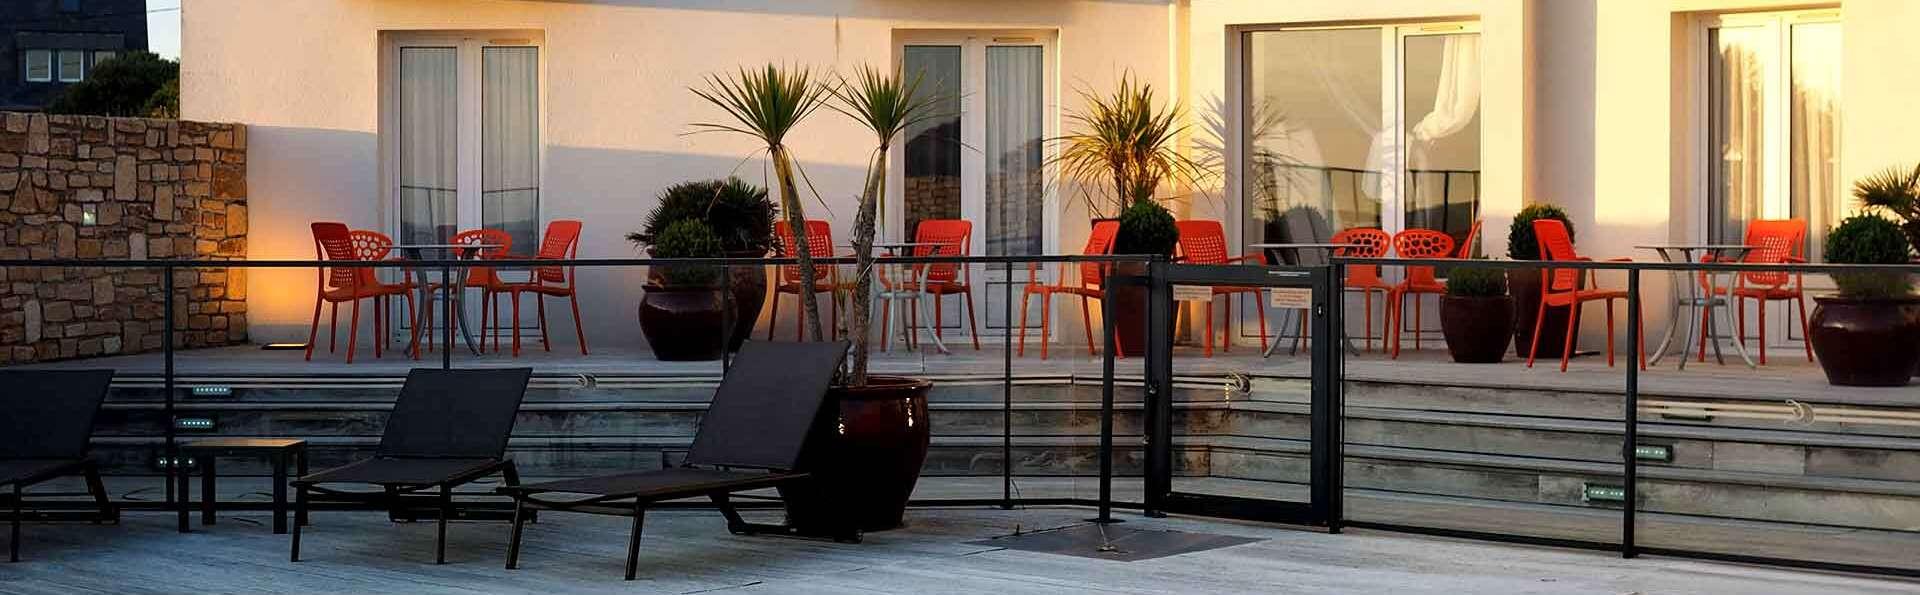 Hôtel Restaurant Le Castel Ac'h - Edit_Terrace2.jpg